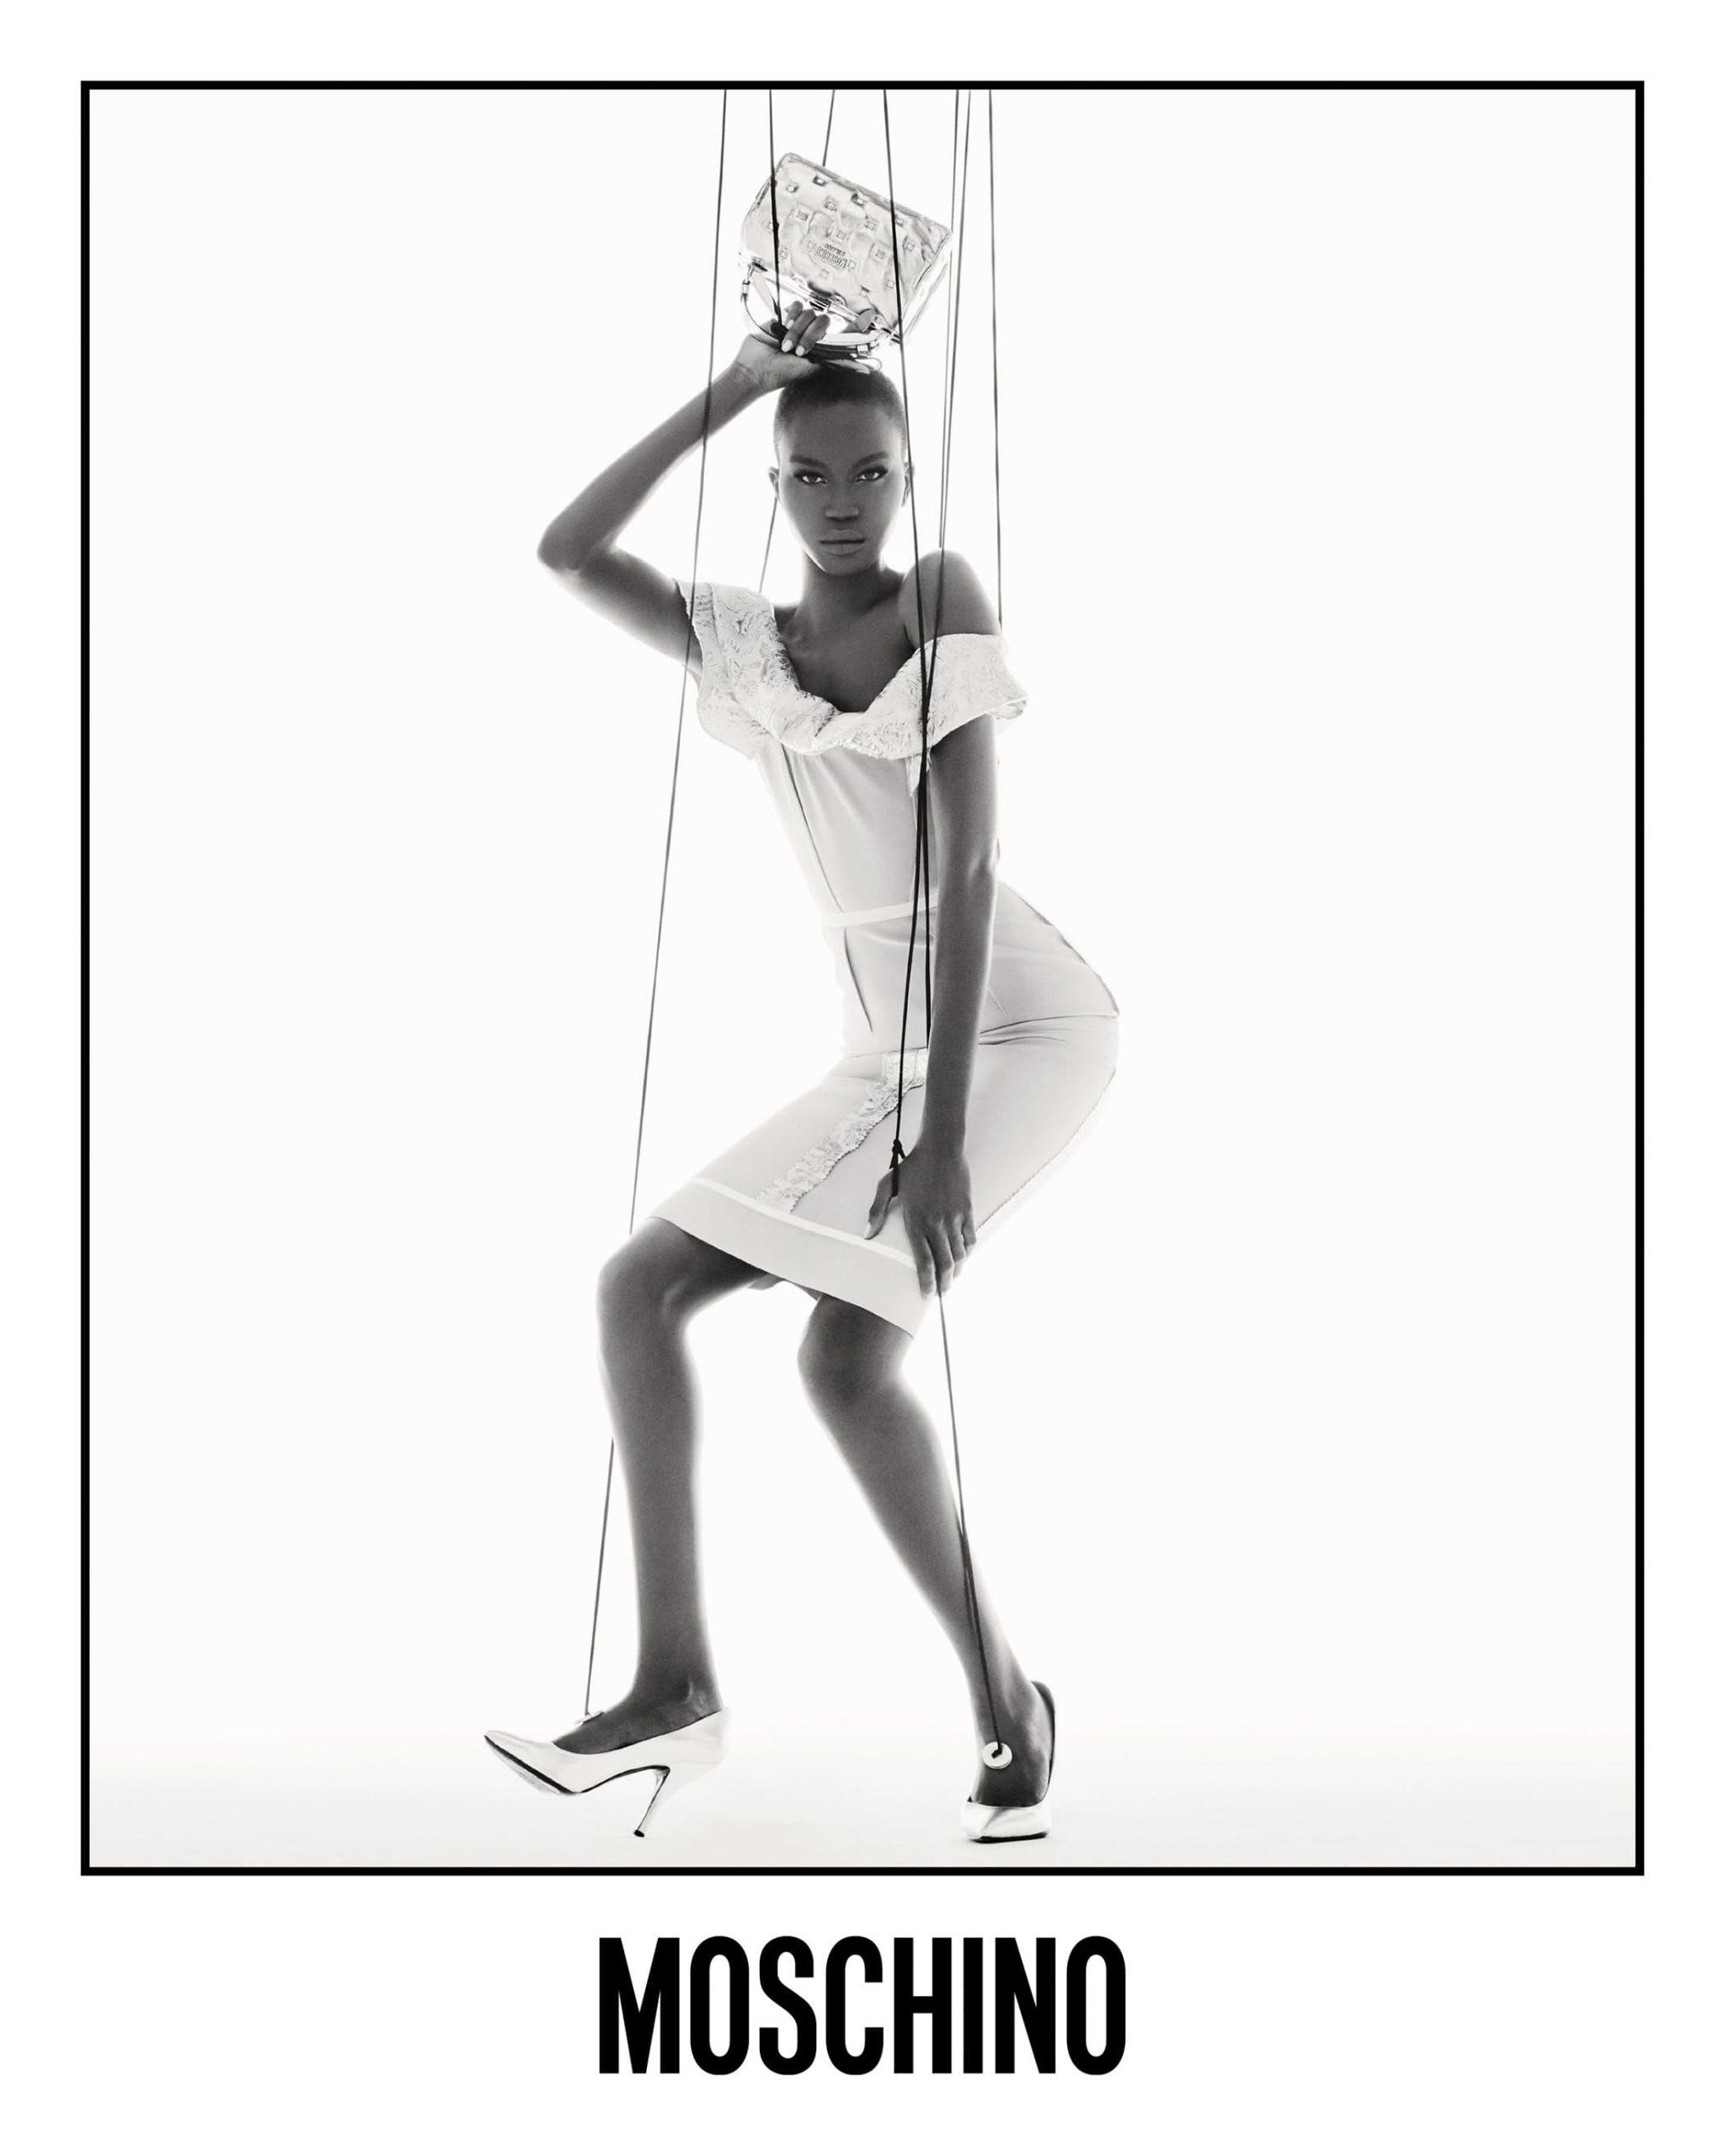 Moschino Spring 2021 Ad Campaign Film & Photos